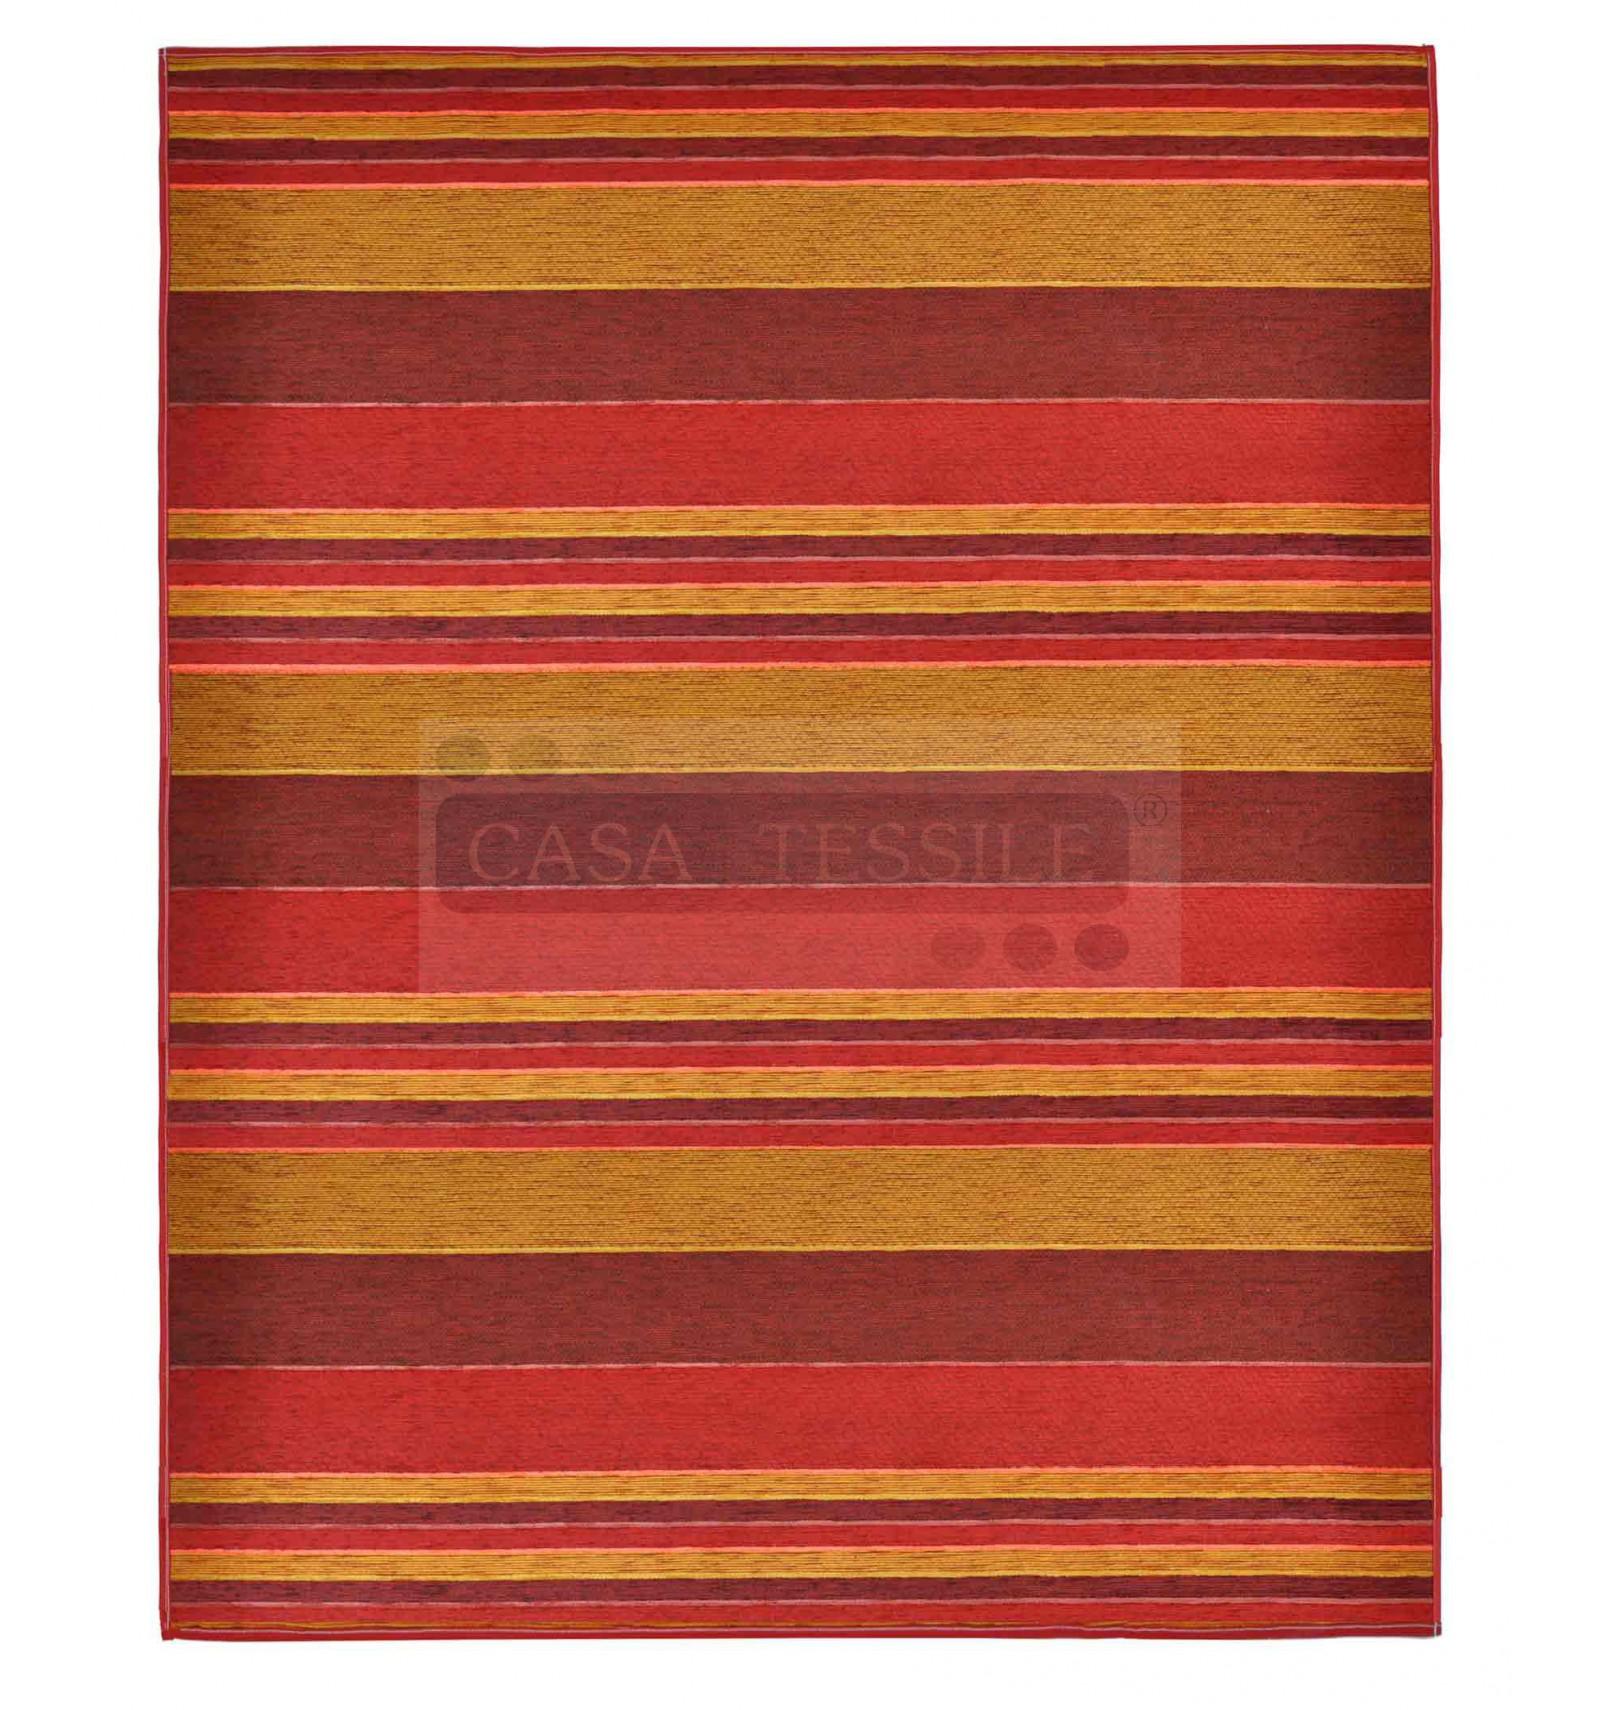 Lebandes tappeto multiuso su misura casa tessile - Tappeto su misura ...